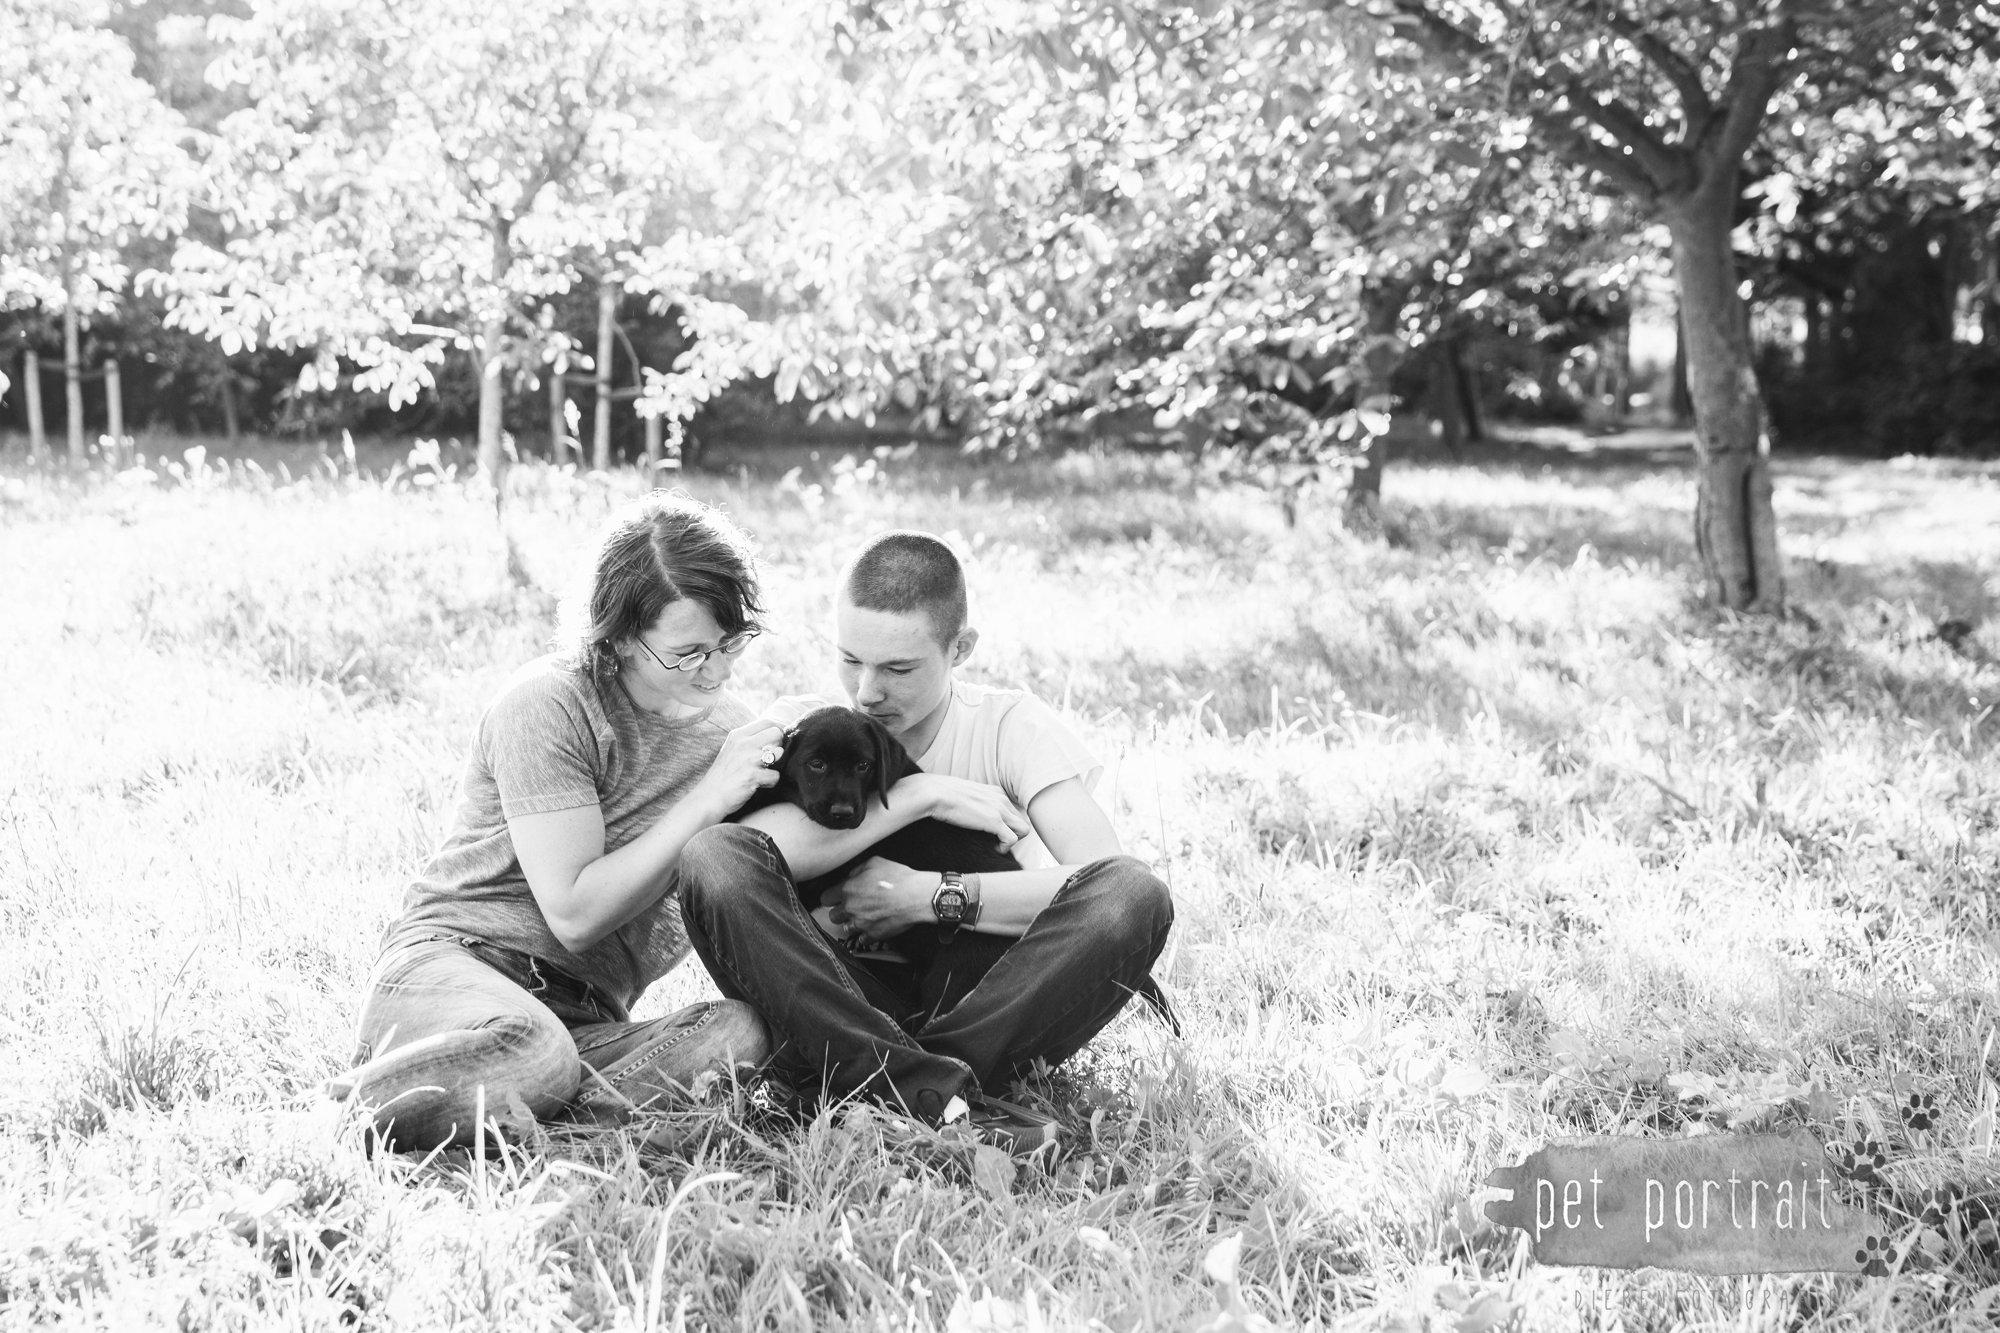 hondenfotograaf-den-haag-labrador-pup-in-het-park-1